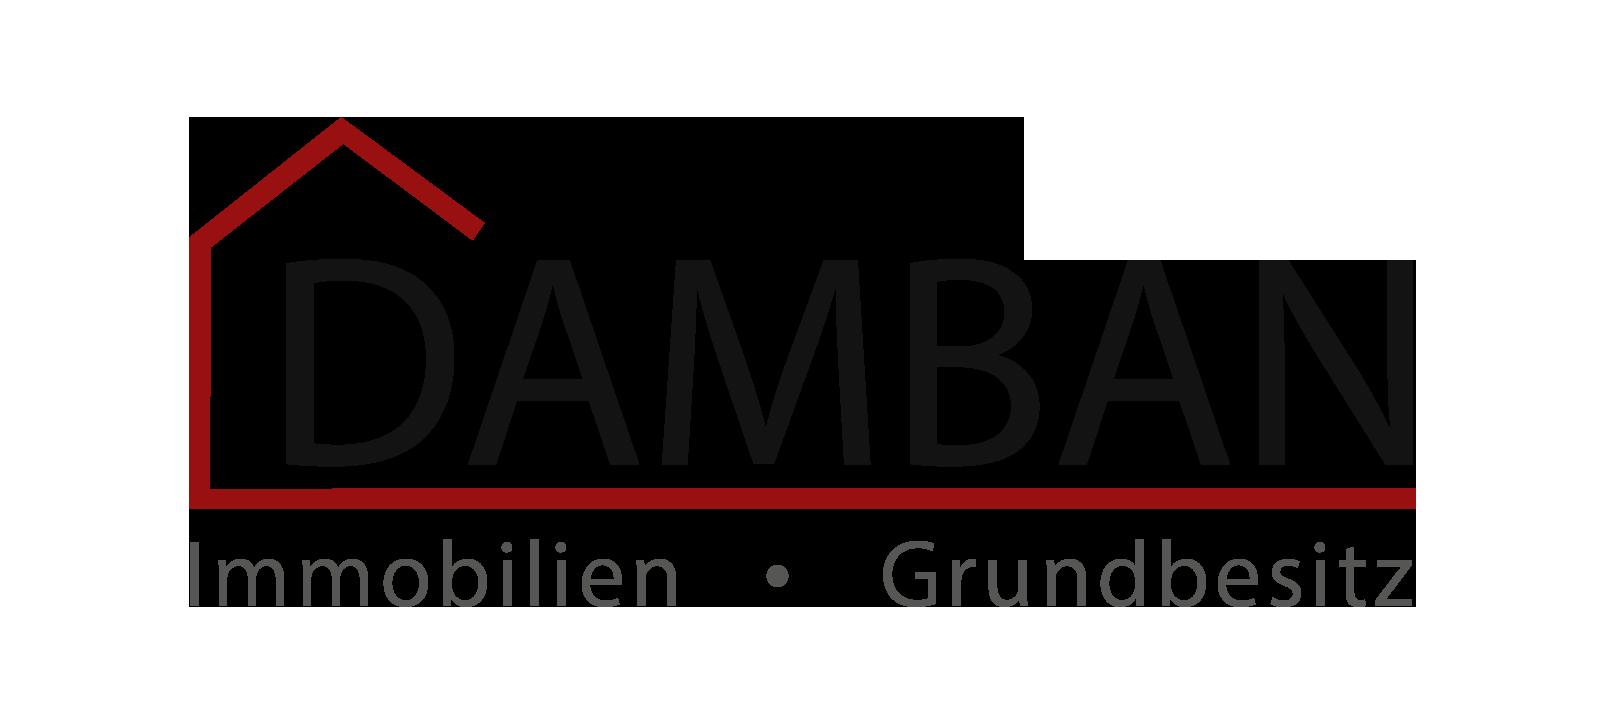 Hier sehen Sie das Logo von DAMBAN Immobilien & Grundbesitz